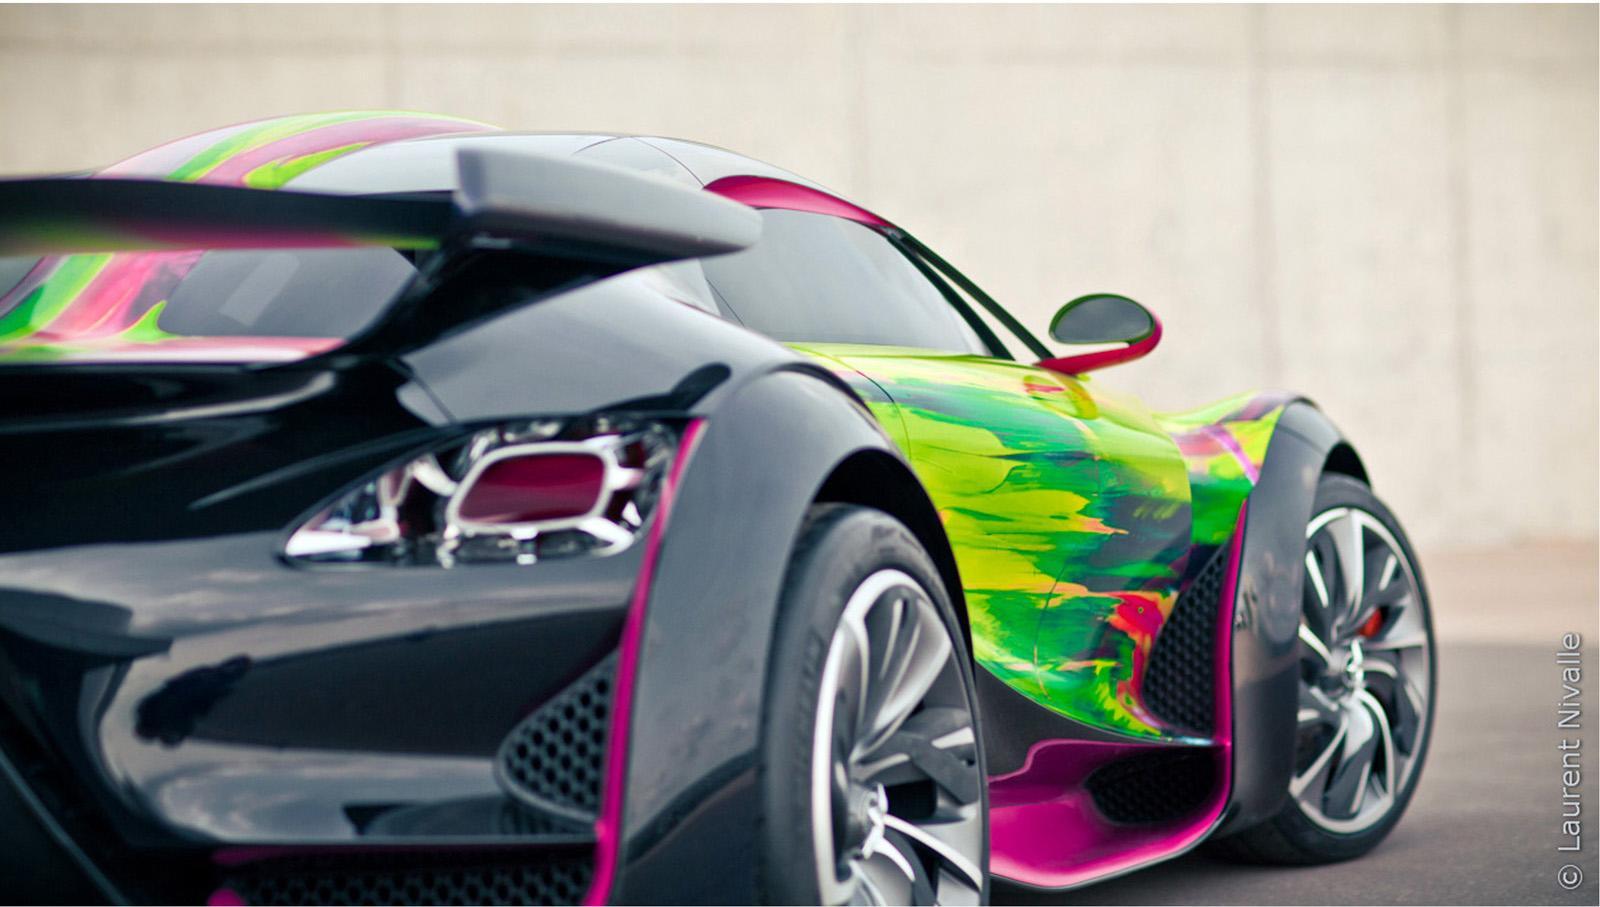 2010 citroen survolt art car image 02g 2010 citroen survolt art car concept vanachro Images